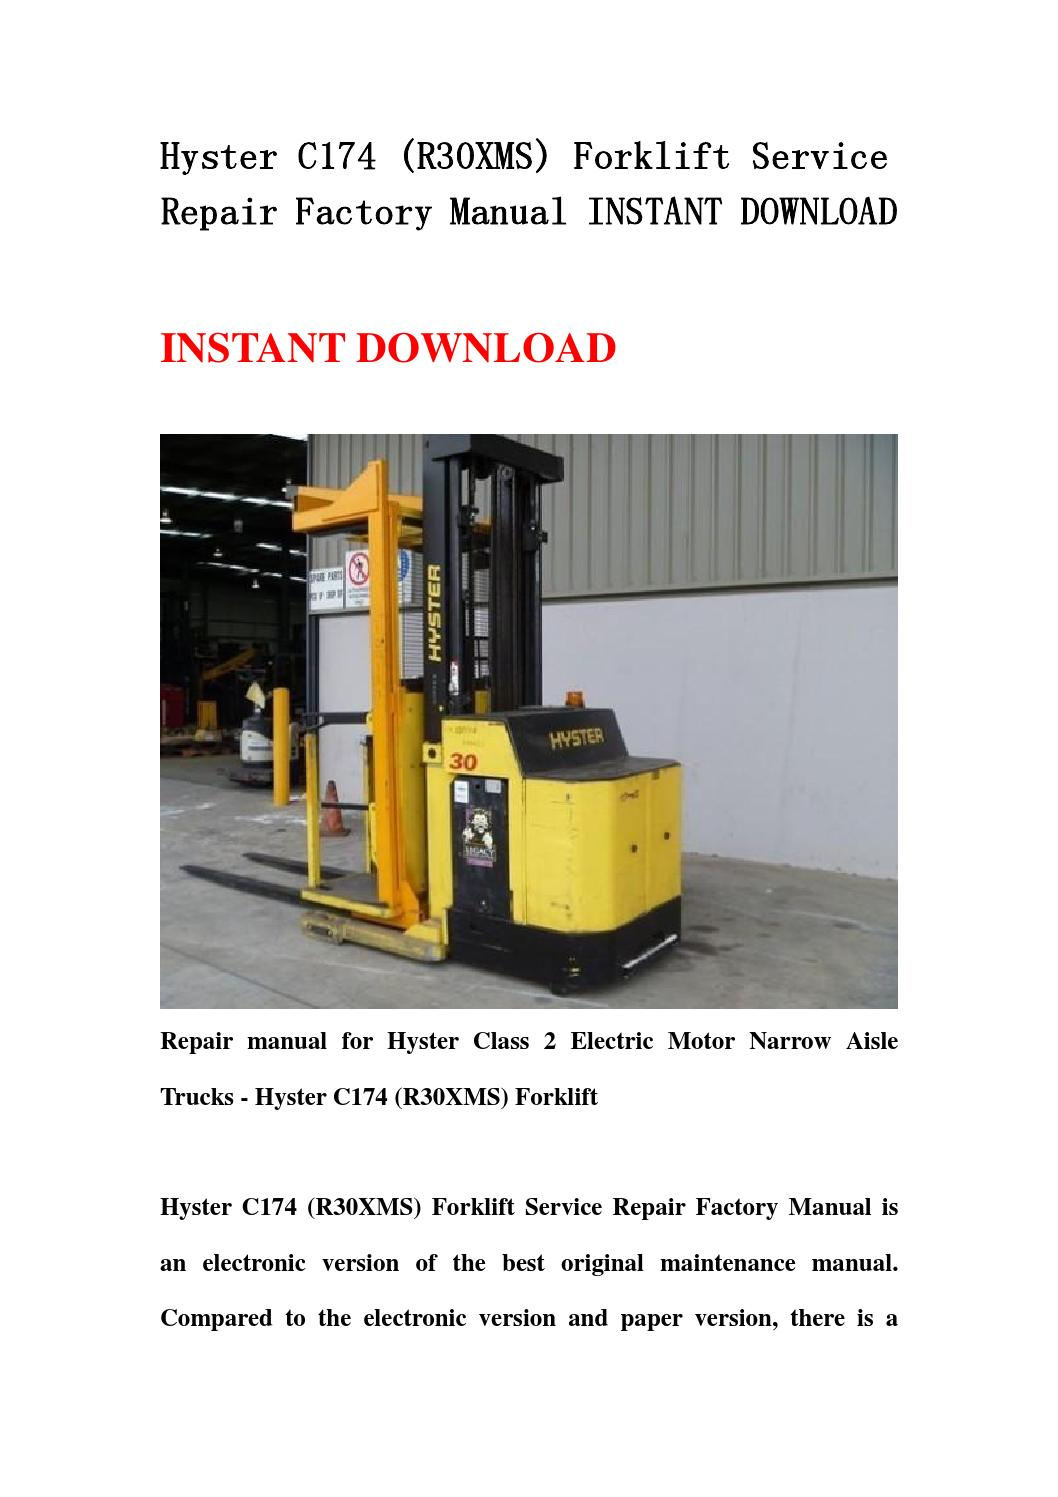 Hyster H100 Repair manual